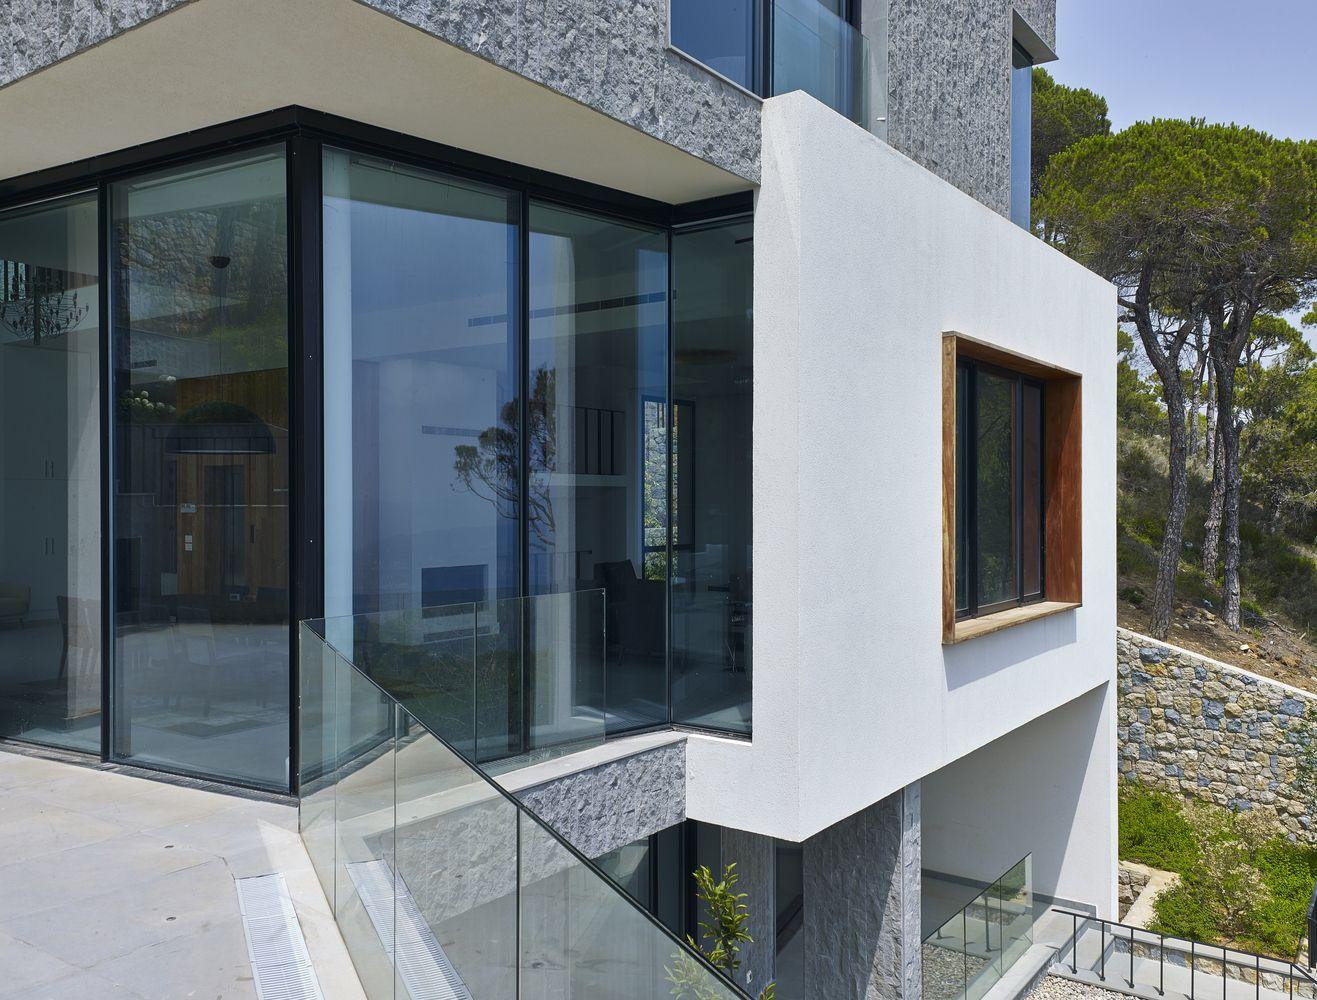 Gallery of Hillside Villa / Joe Serrins Studio 8